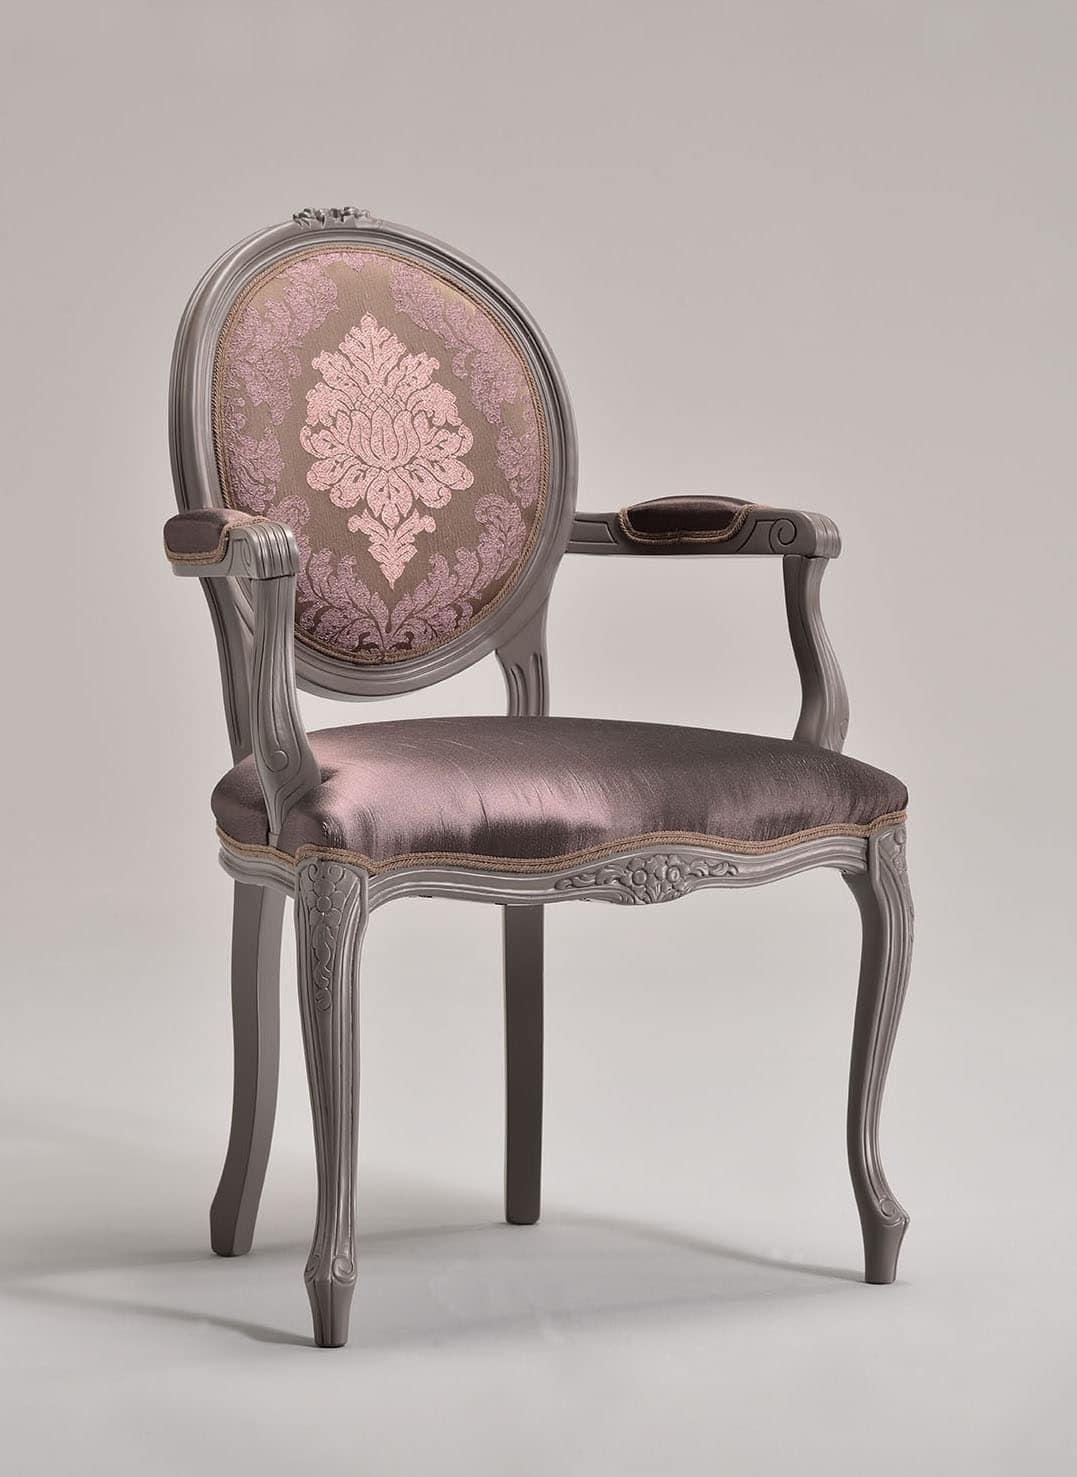 Sedia in stile luigi xv schienale ovale per alberghi for Sedie contemporanee